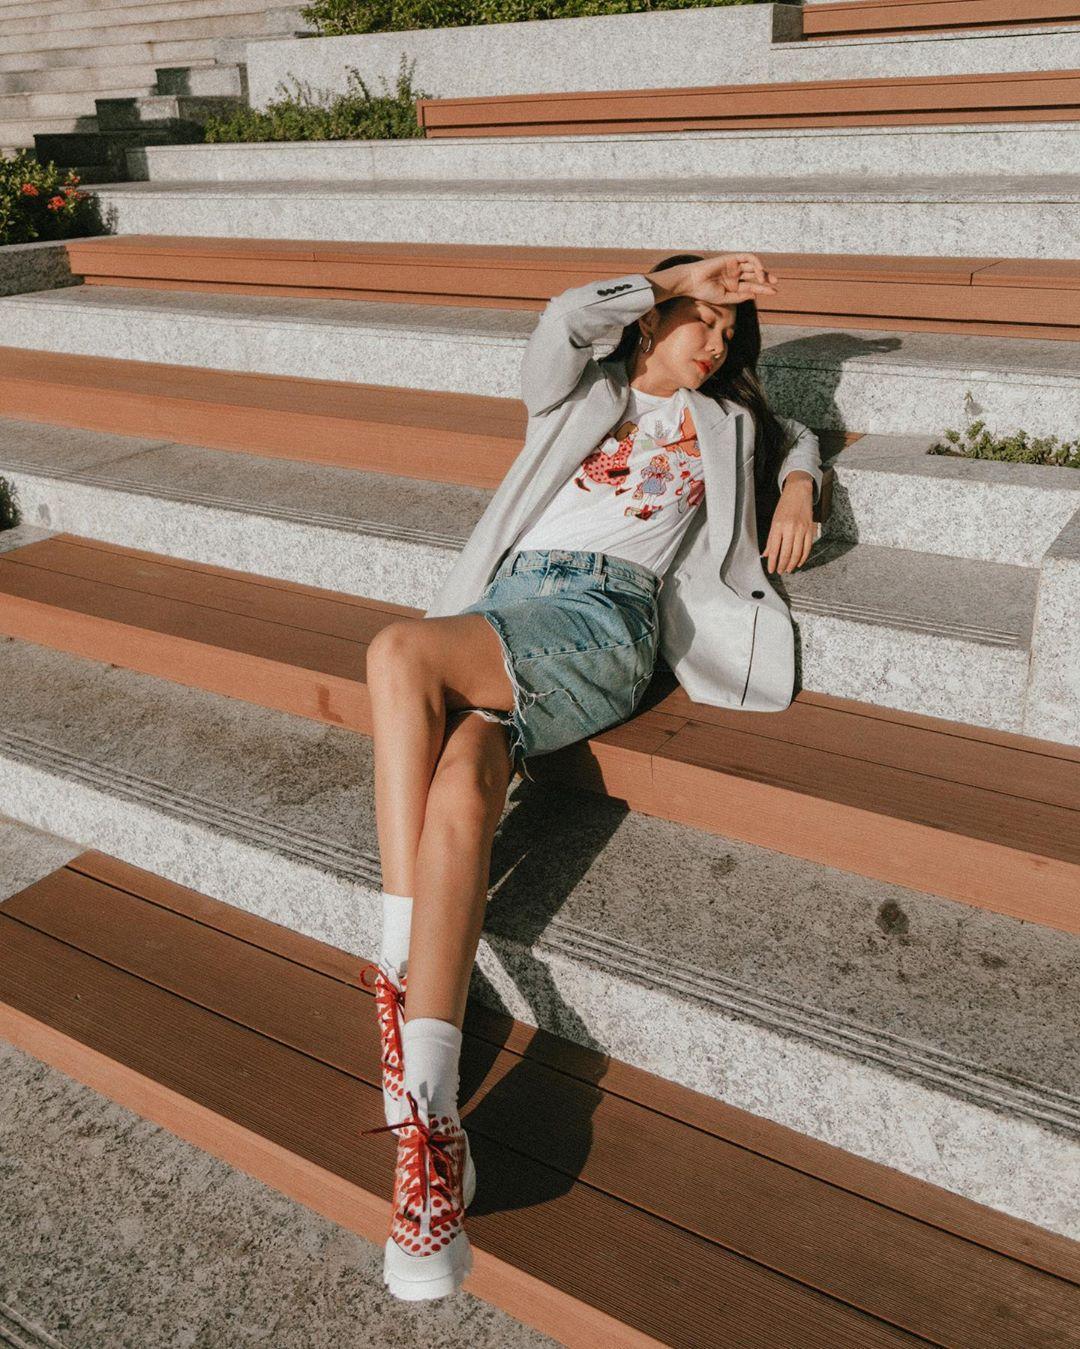 """3 kiểu áo khoác khi trở lạnh được lòng hội chị em tuổi 30+ """"nhà Vbiz"""": Phạm Quỳnh Anh nhìn như idol Kpop, Hà Tăng lại hack tuổi đỉnh cao không thua gái 18 - Ảnh 2."""